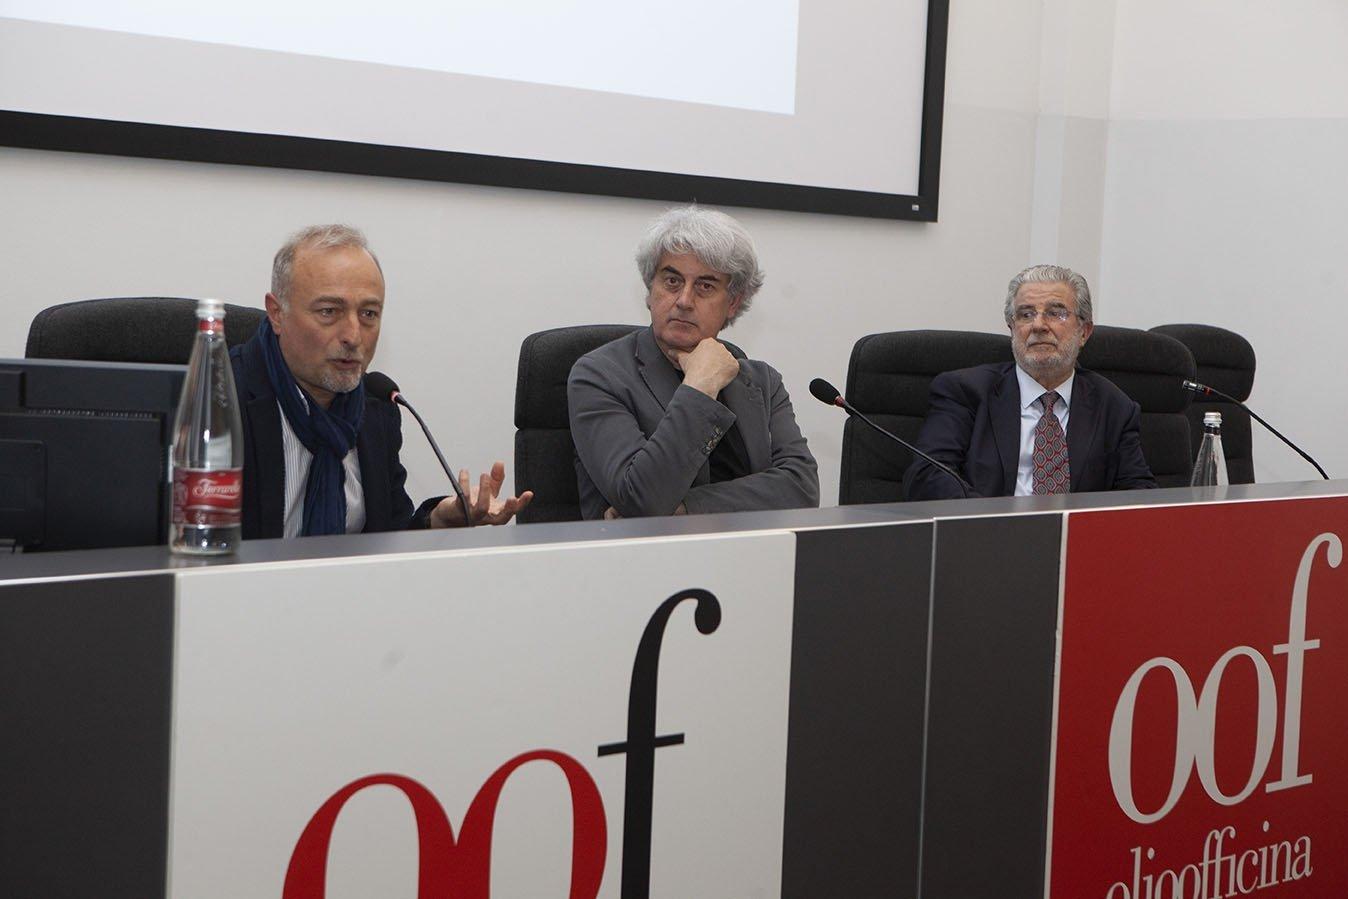 Il Consorzio Ceq al  Forum Olio & Ristorazione: cambiare i modi di gestire e presentare l'olio è parte delle nostre ambizioni